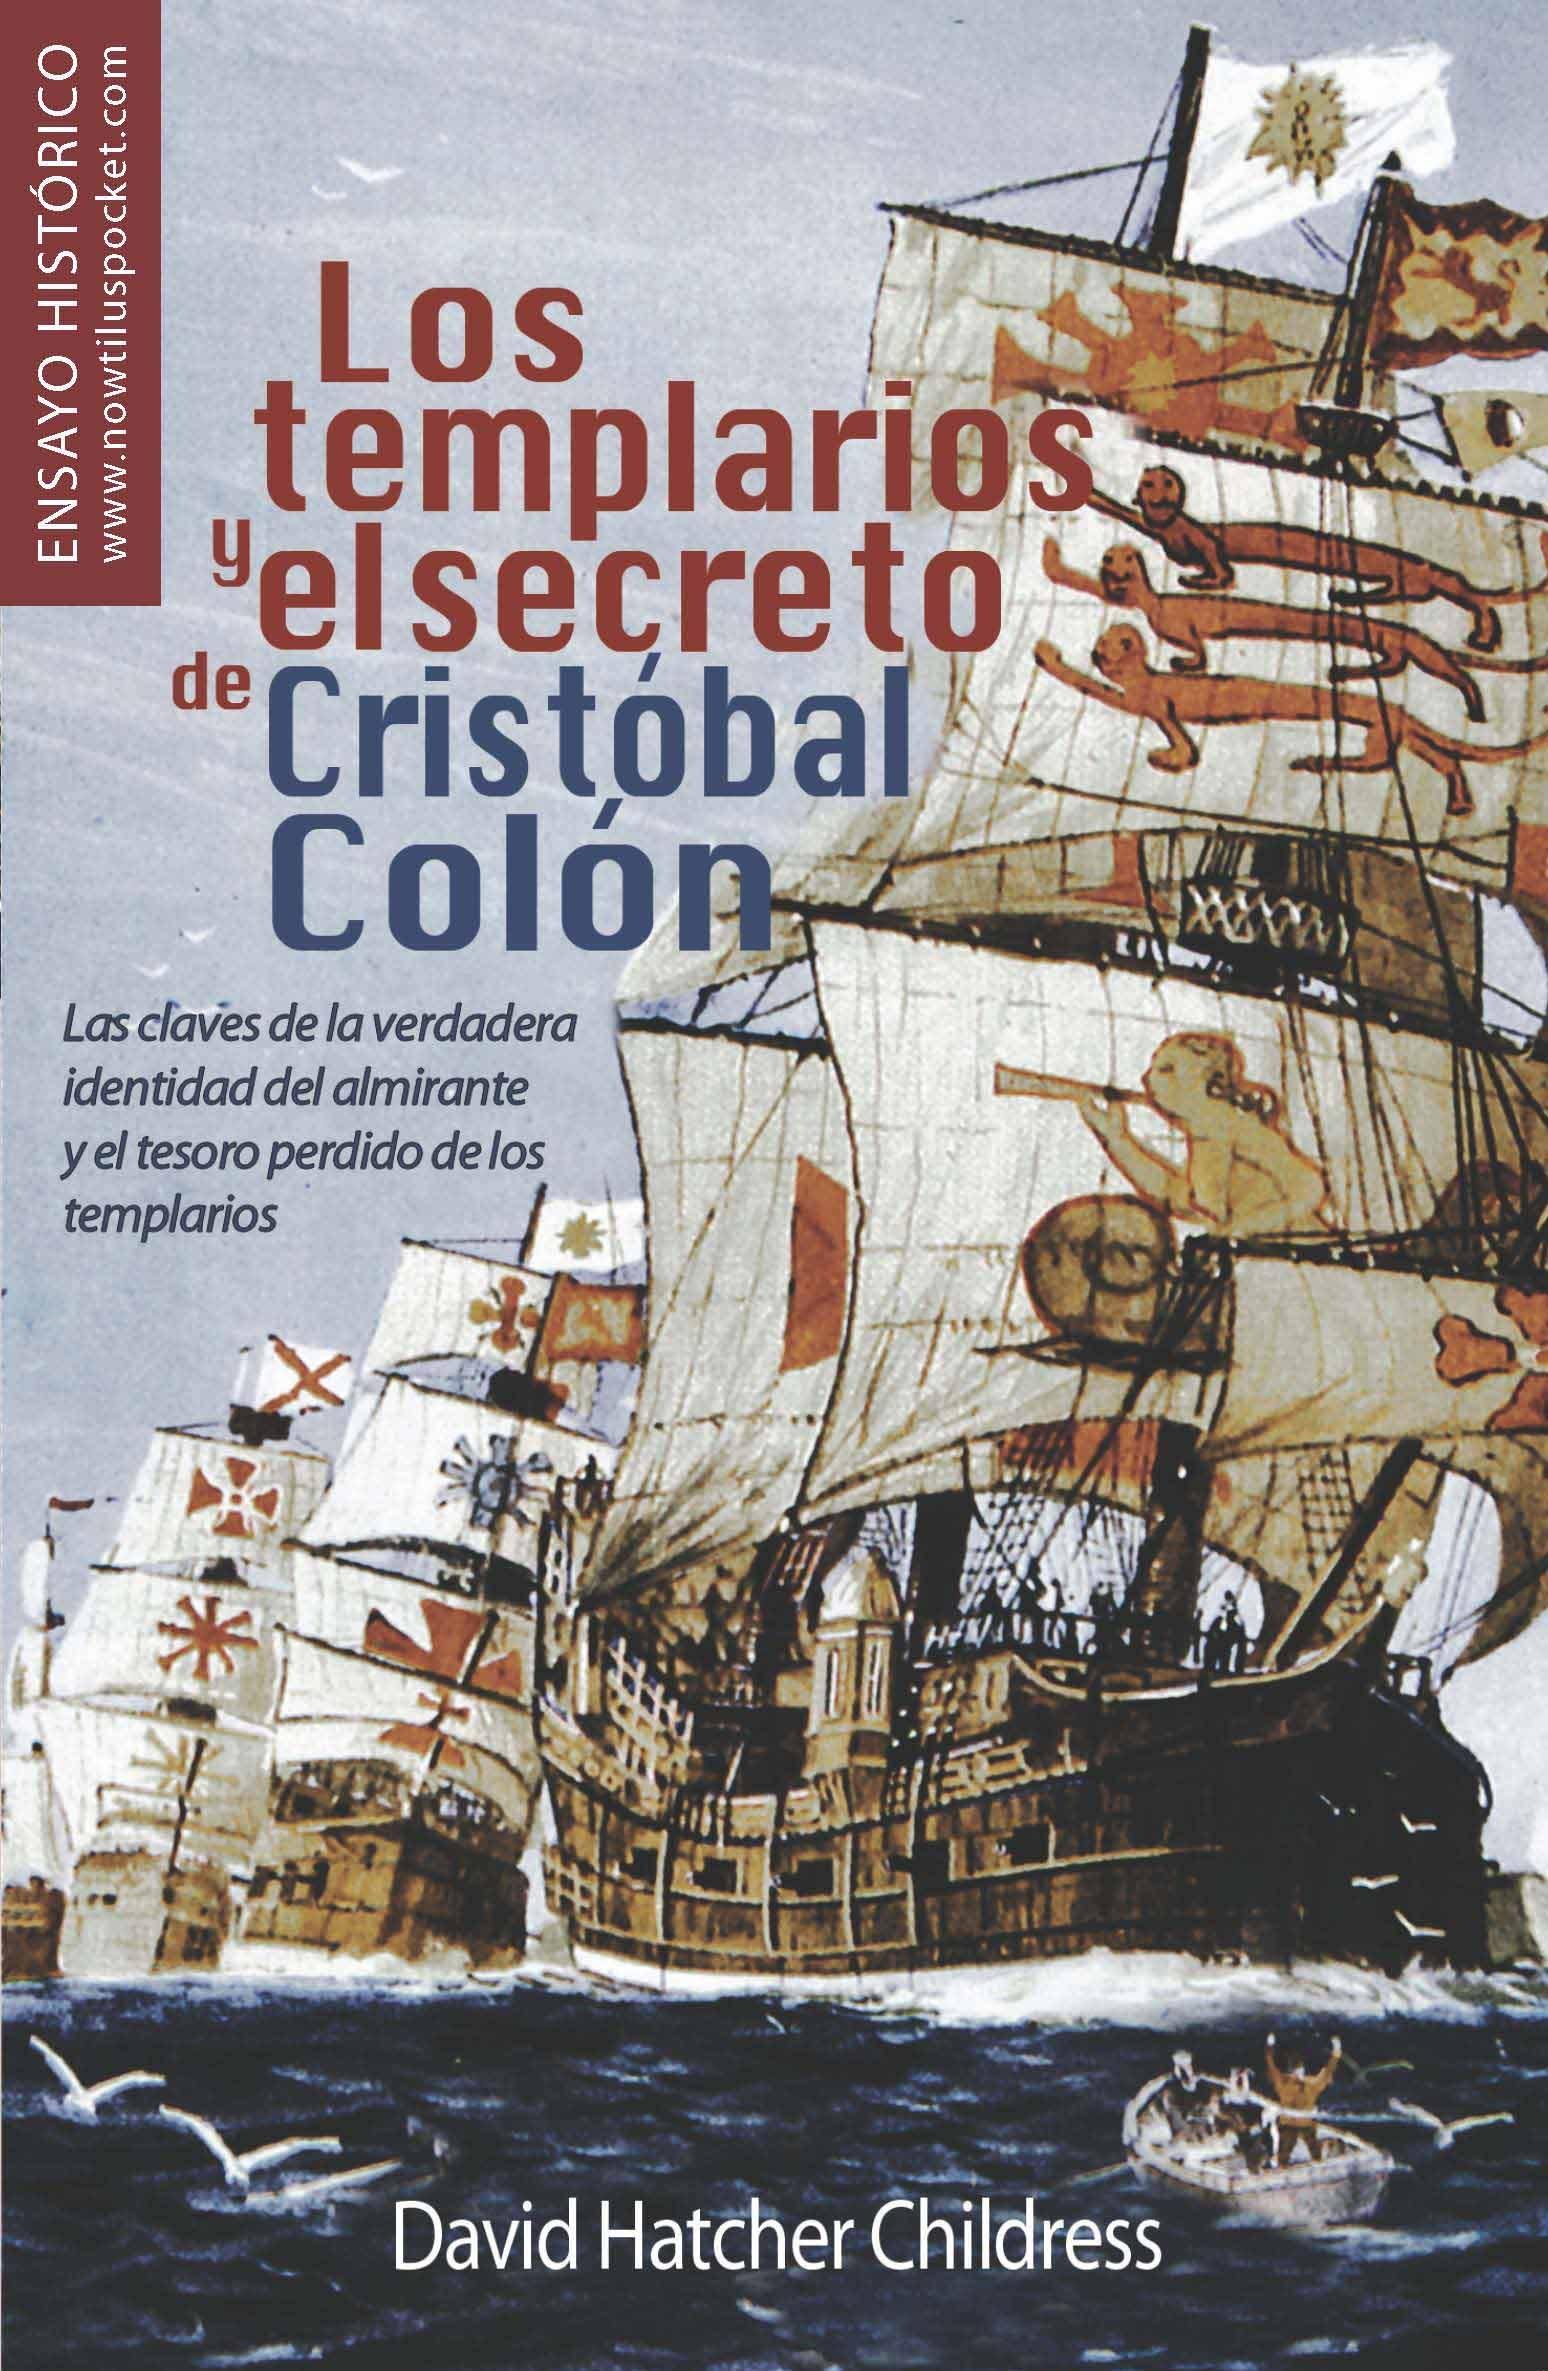 La Orden Templaria conocía y explotaba el continente Americano antes del 1300 d.C. Los-templarios-y-el-secreto-de-cristobal-colon-9788499670522